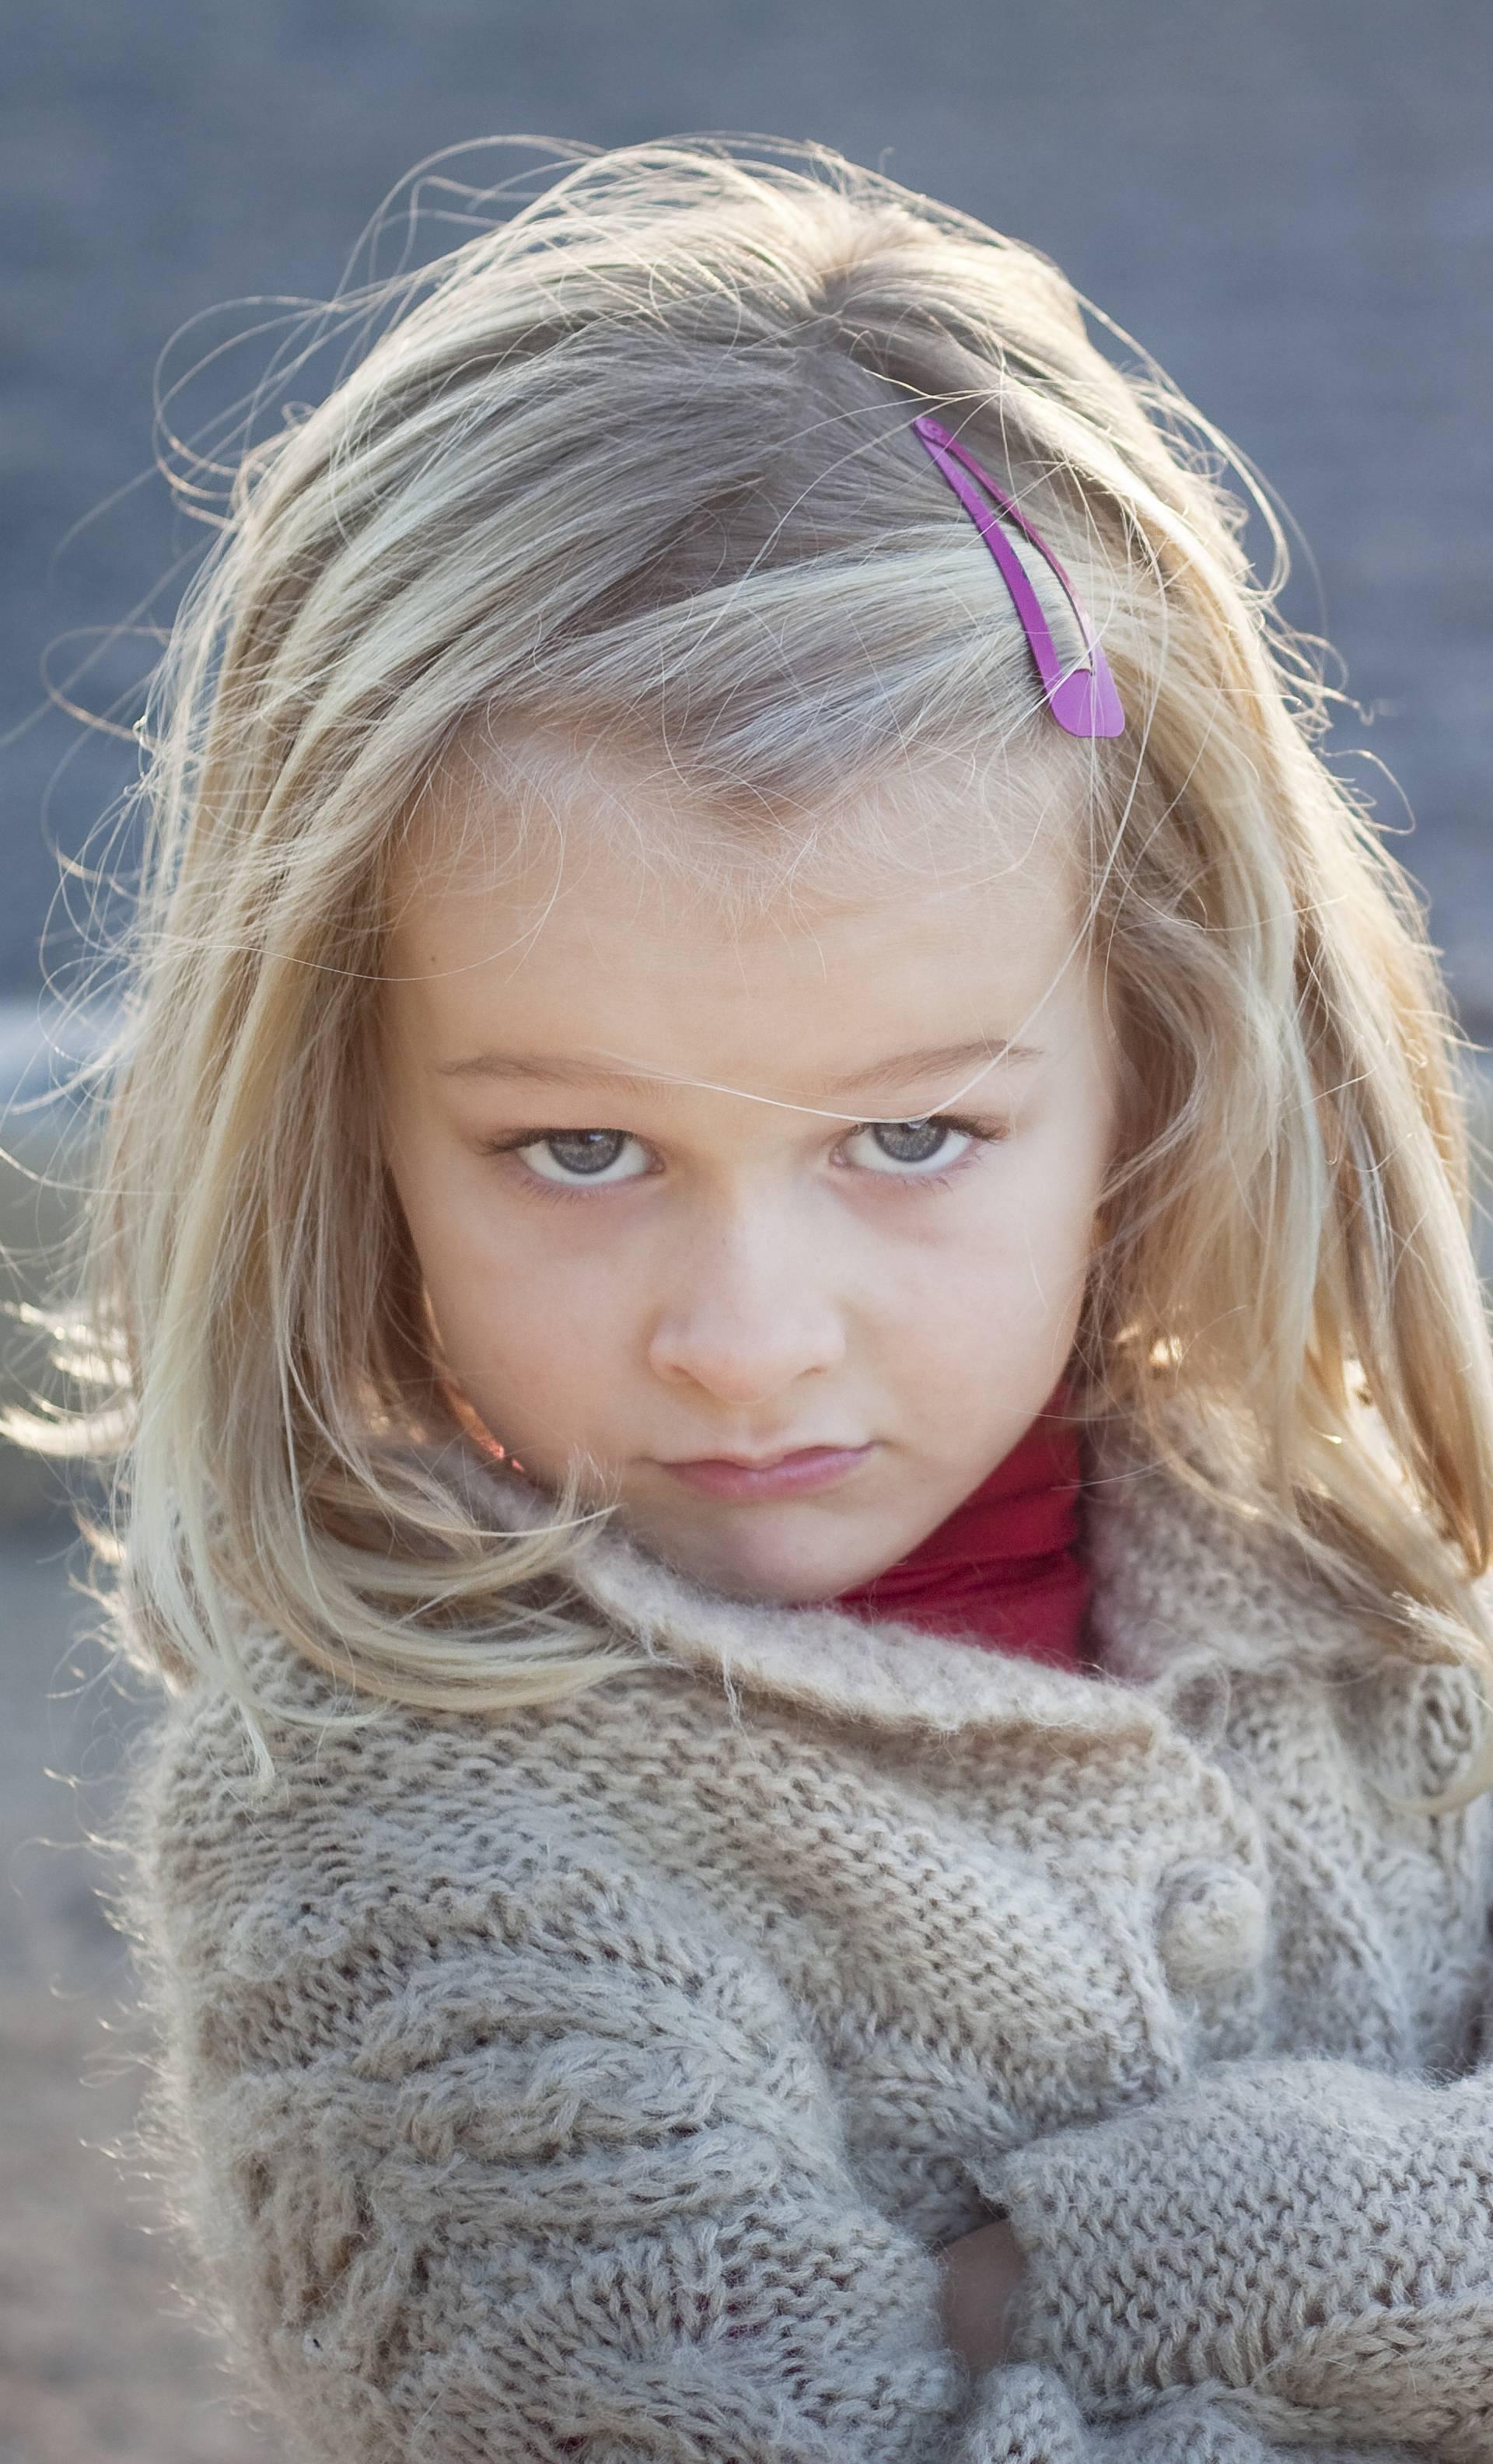 Ako pokažete da cendranjem ne postiže cilj, dijete odustaje